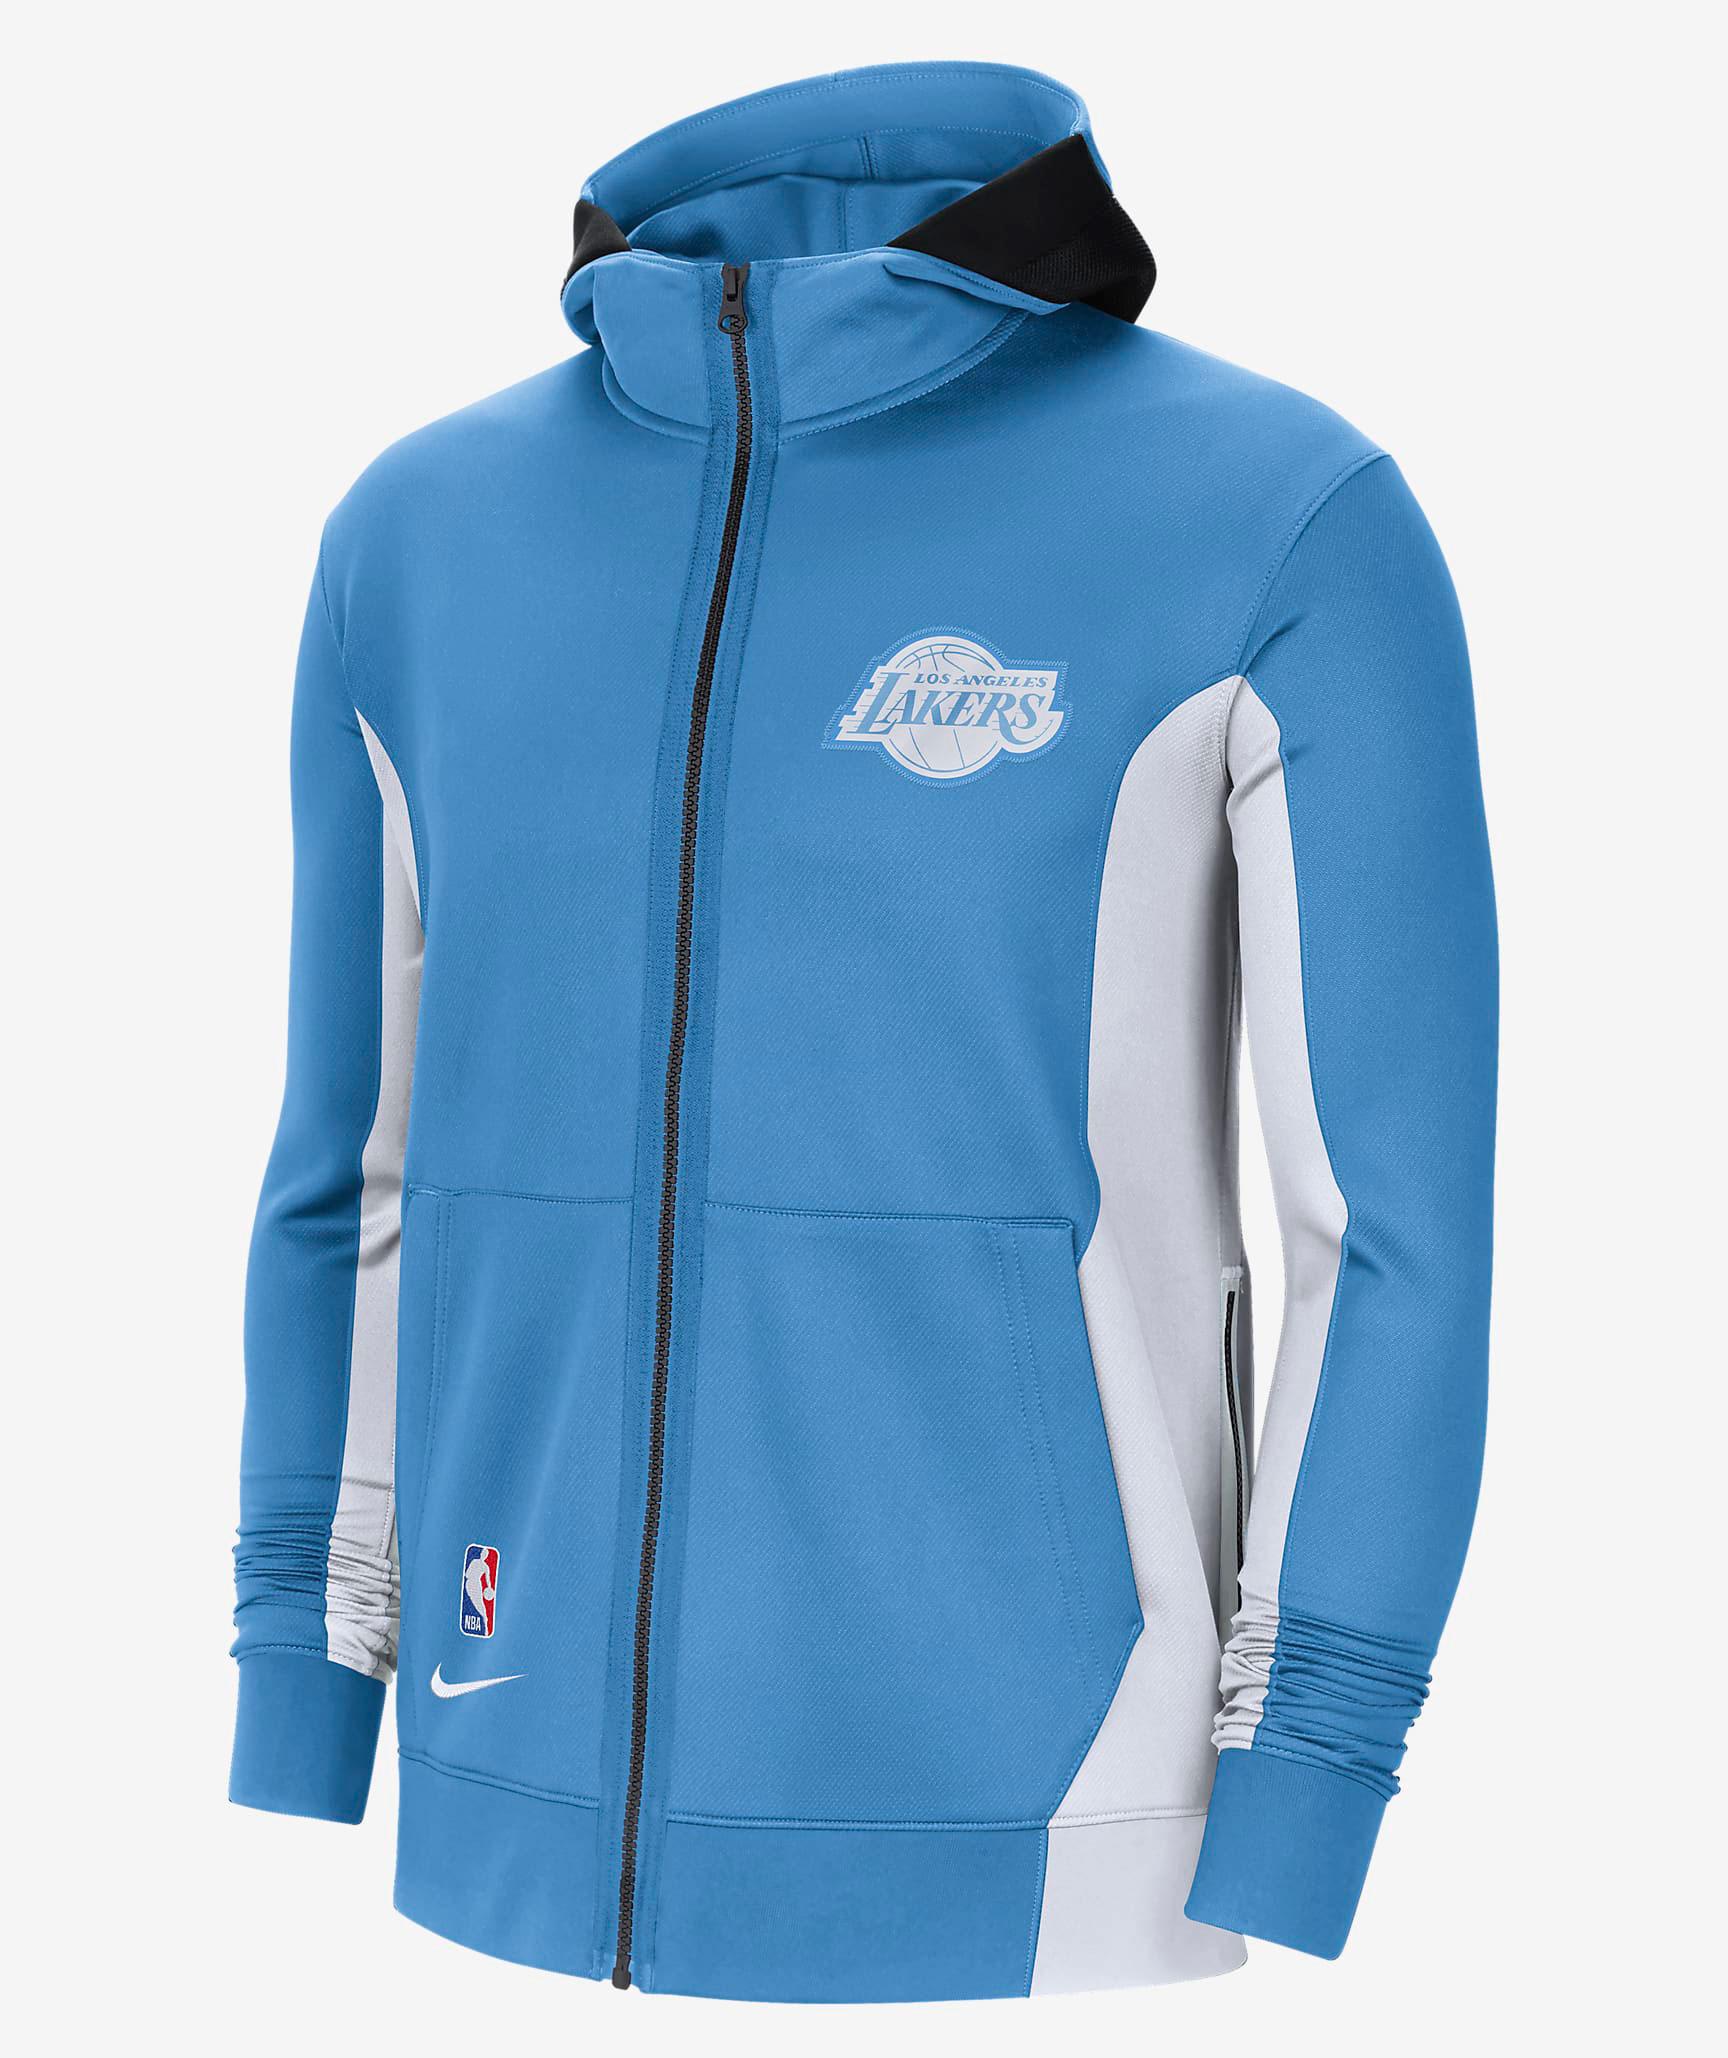 nike-lakers-city-edition-2020-21-zip-hoodie-blue-1